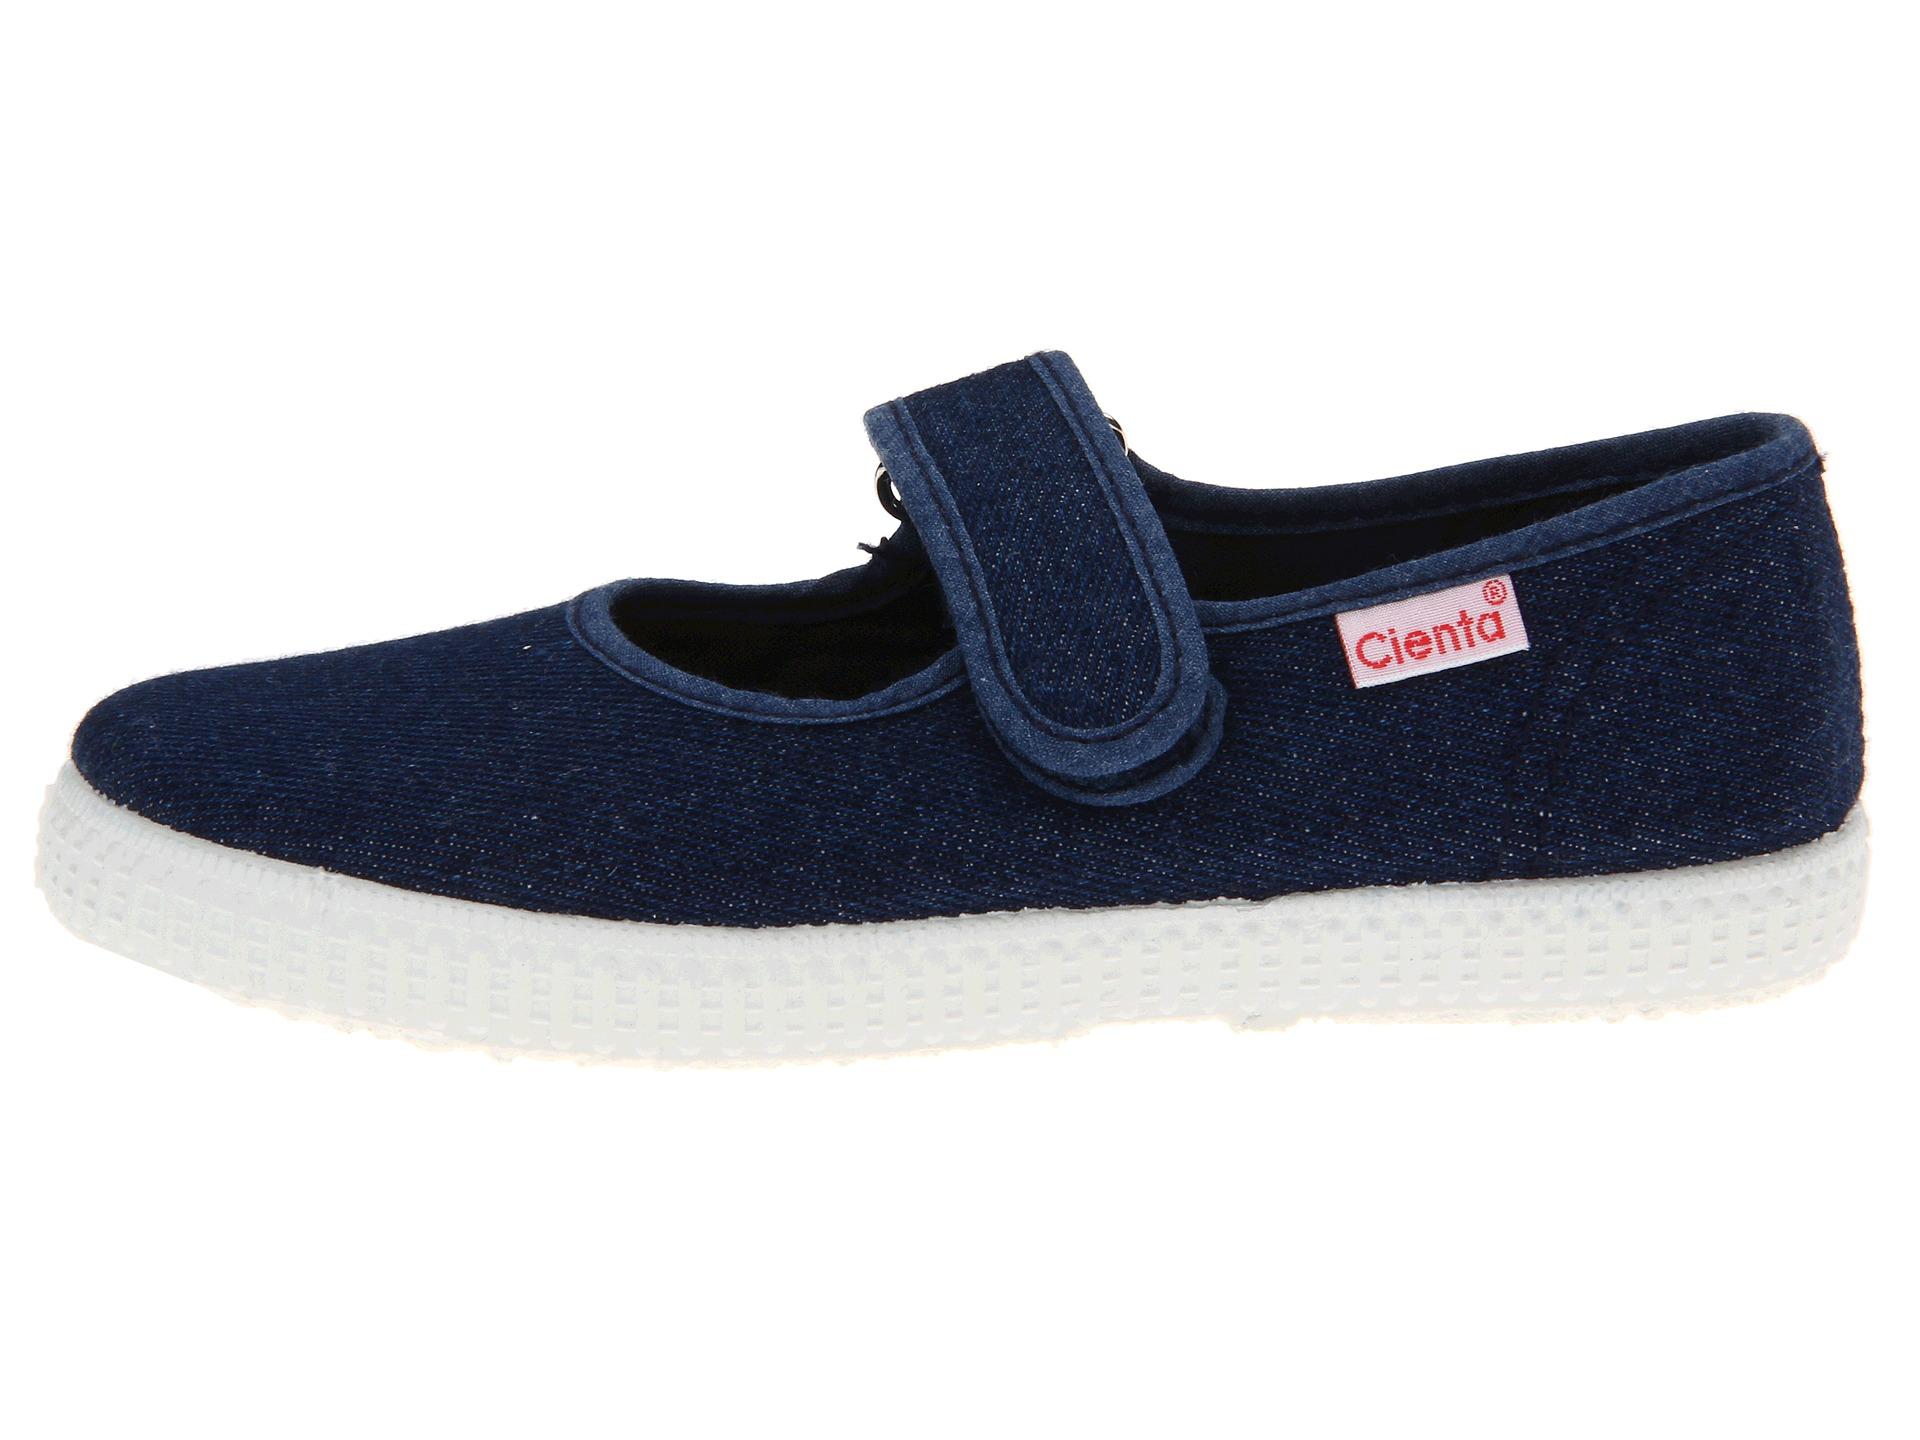 Cienta Shoes Sale